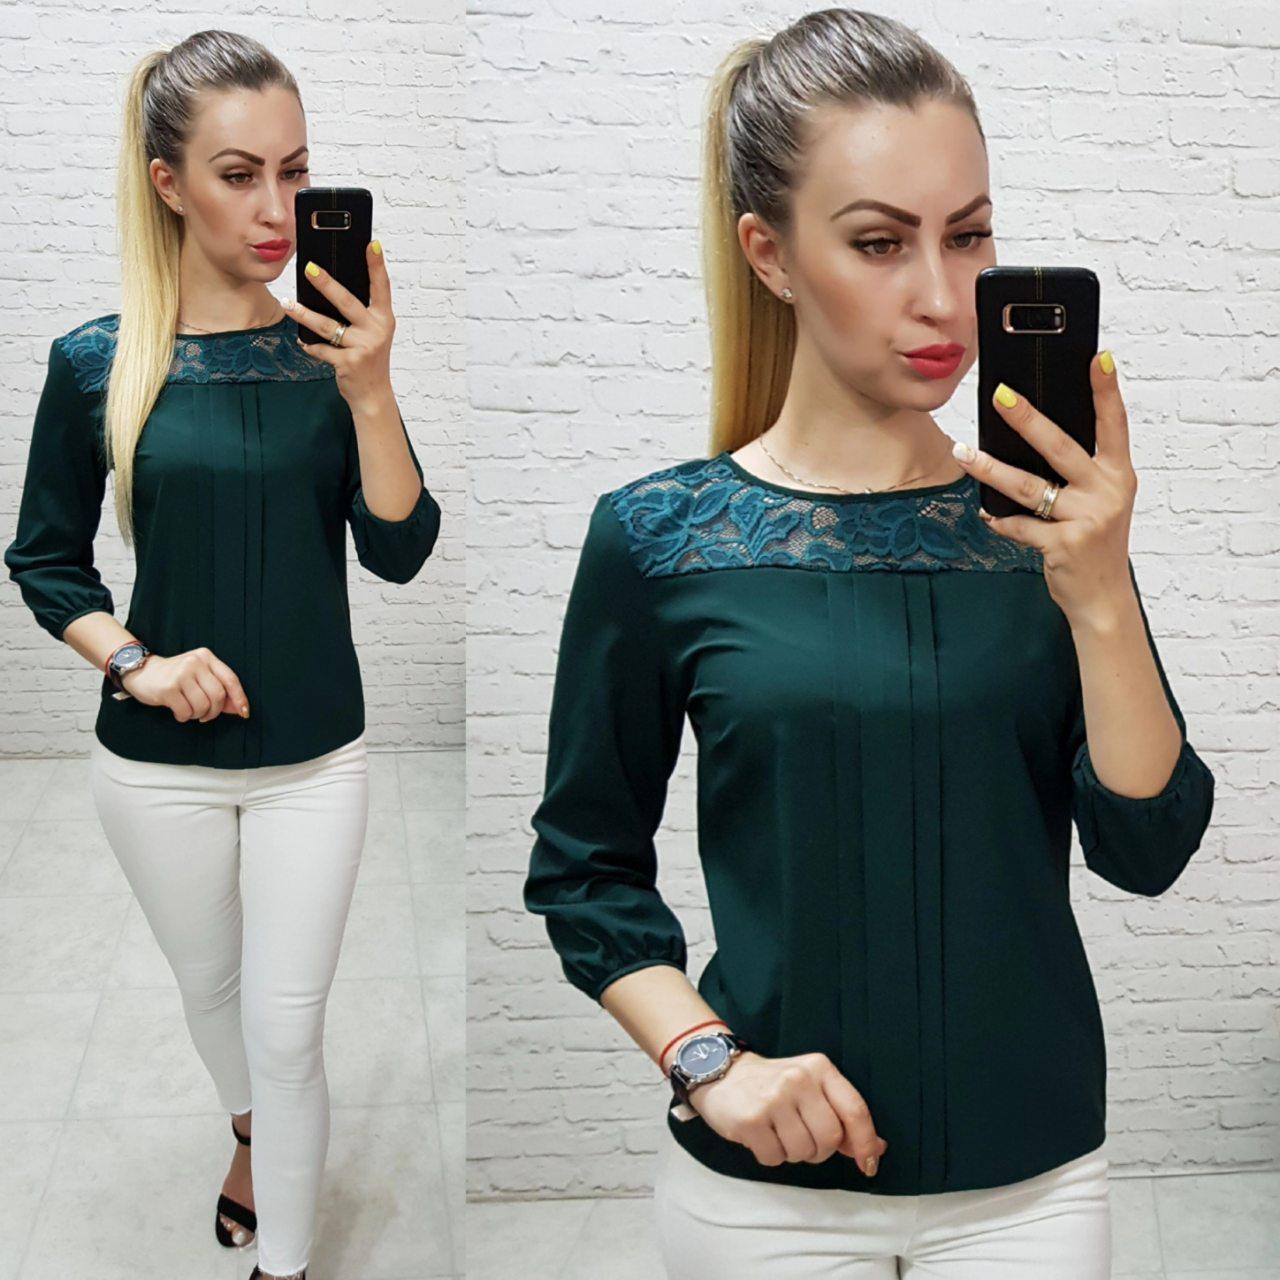 Блуза с кружевом арт. 793 тёмно зелёная / тёмно зеленого цвета